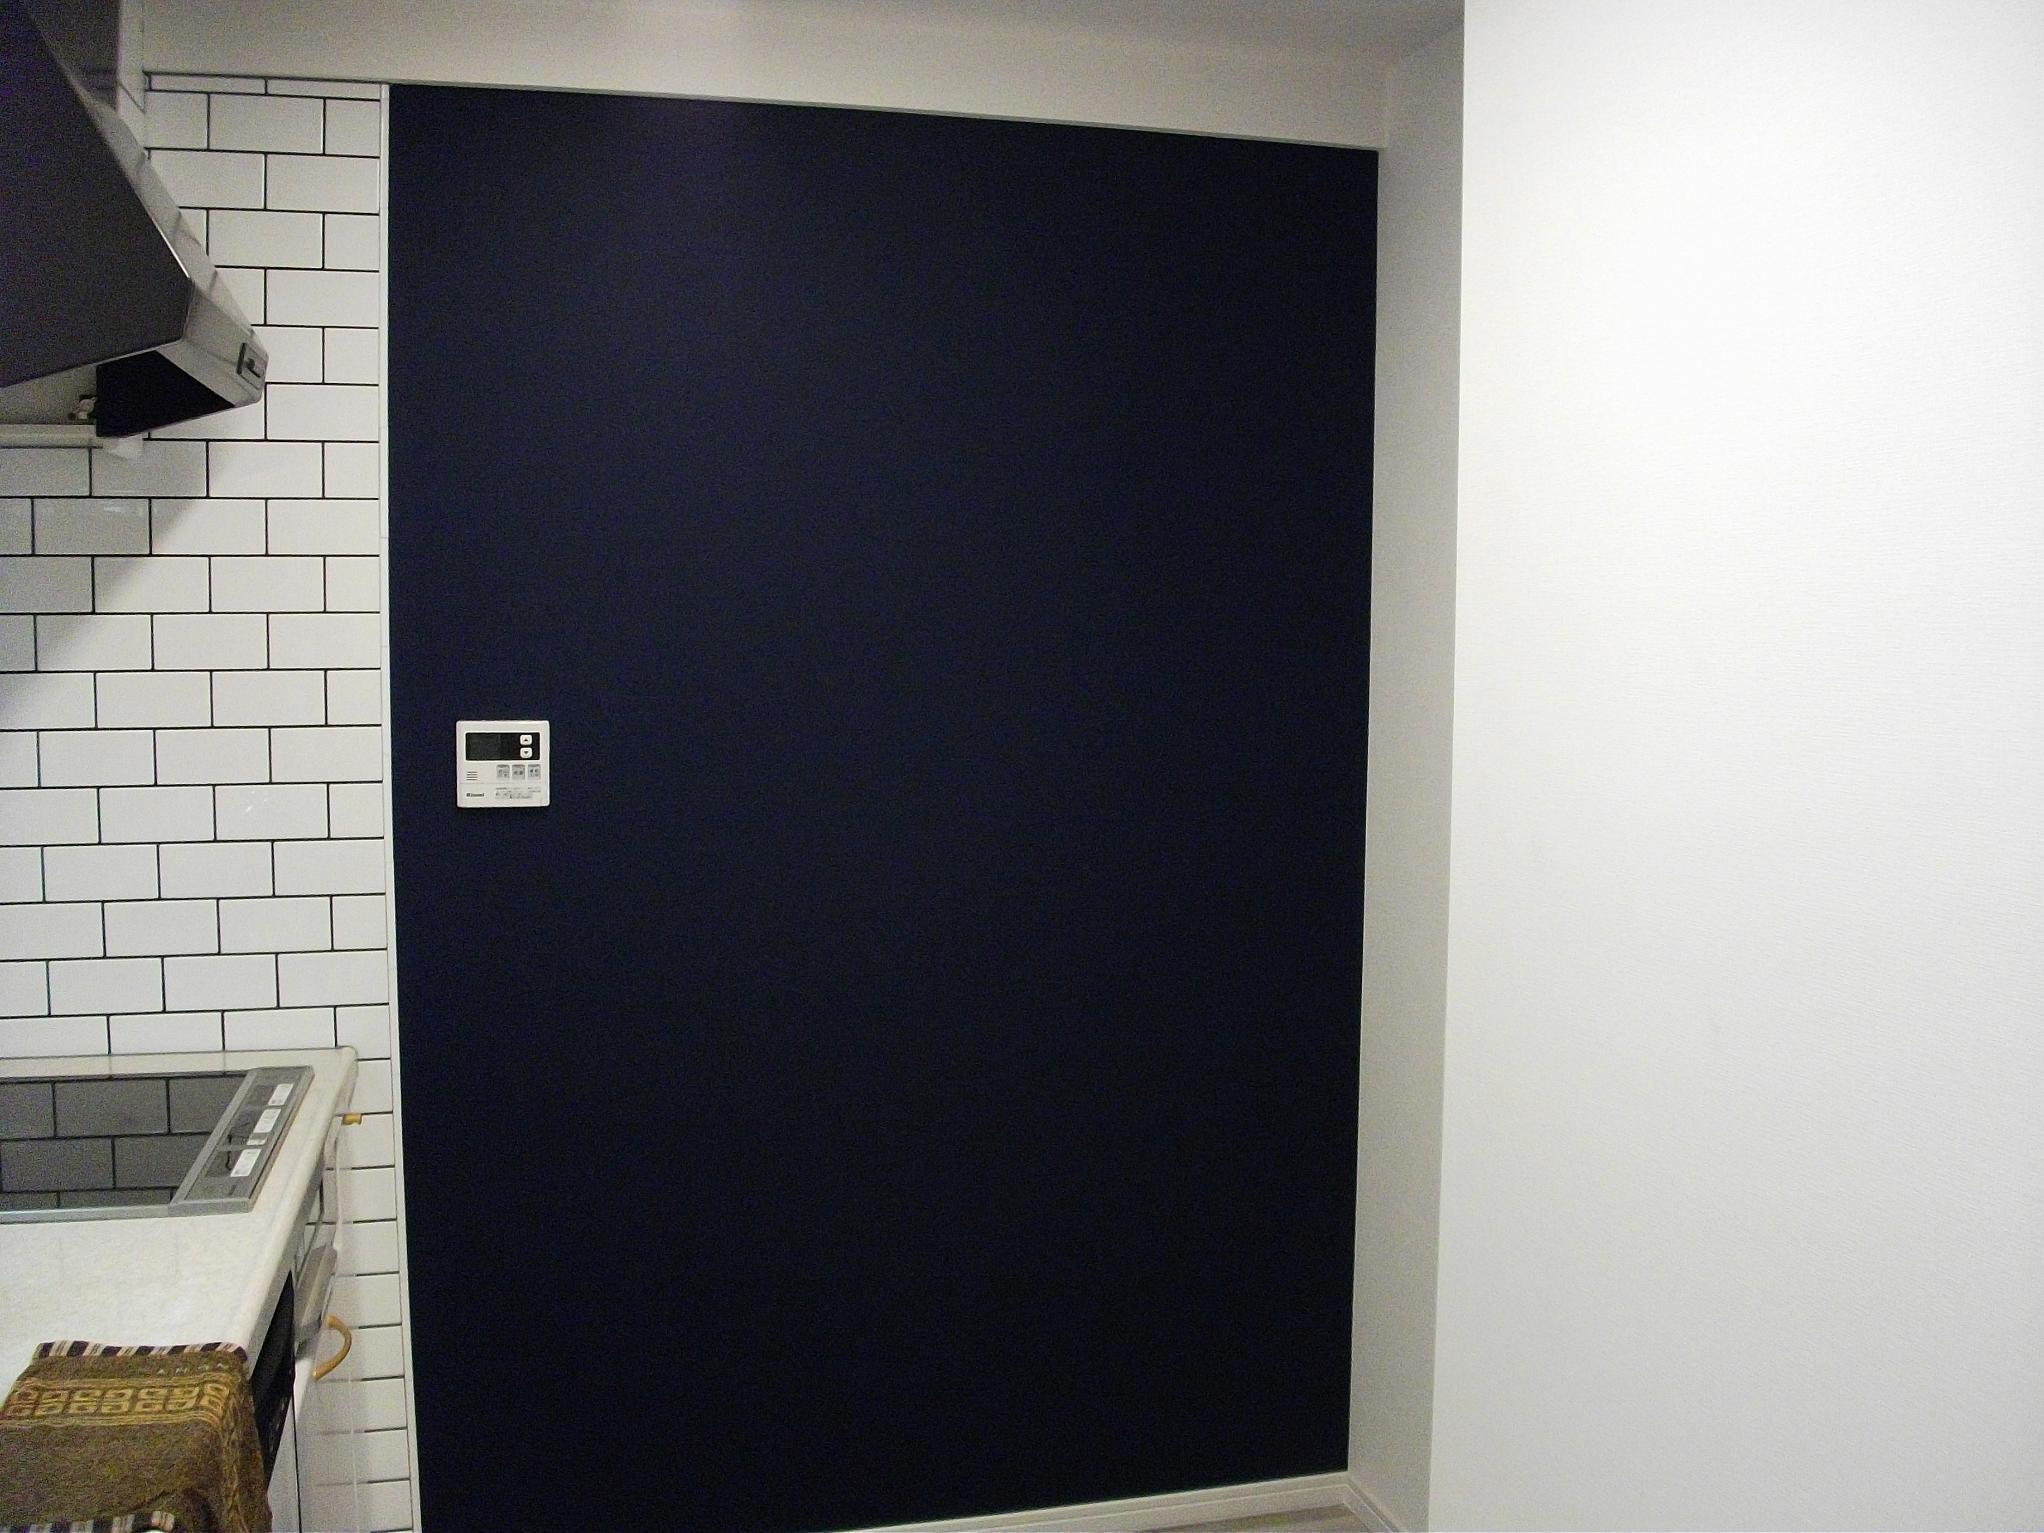 ビンテージマンションの写真 キッチンにある黒板